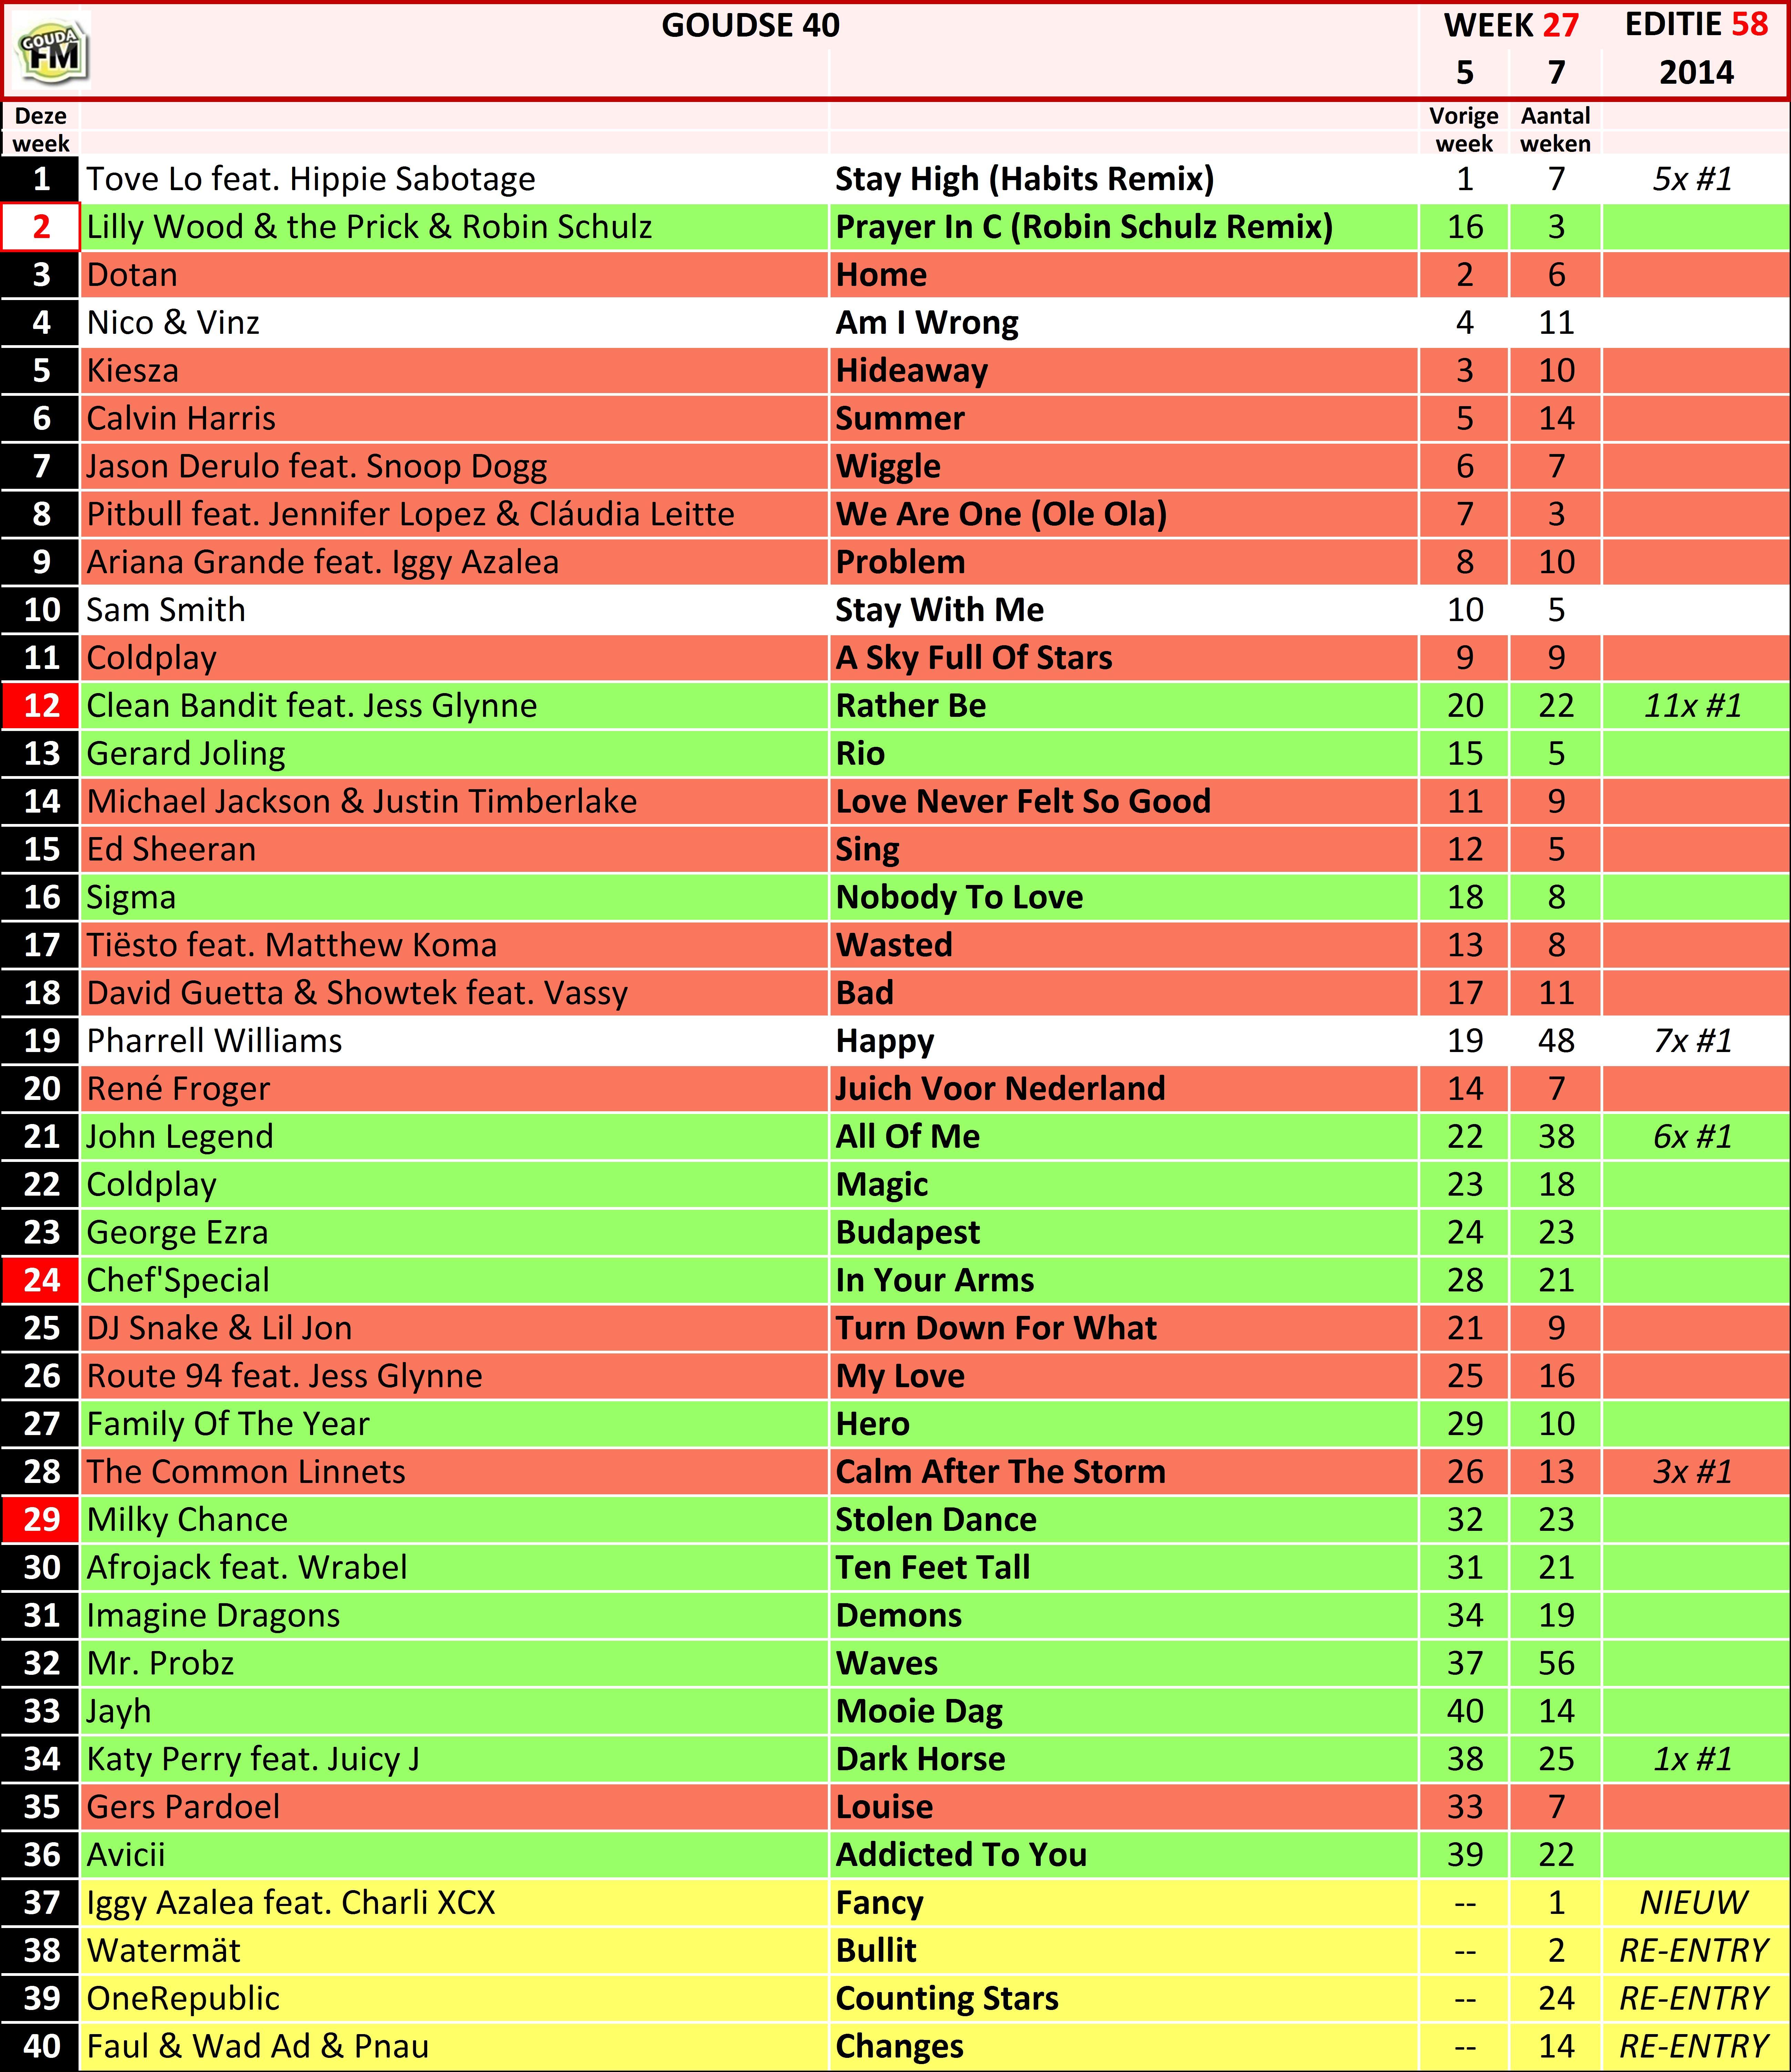 Goudse 40 5-7-2014